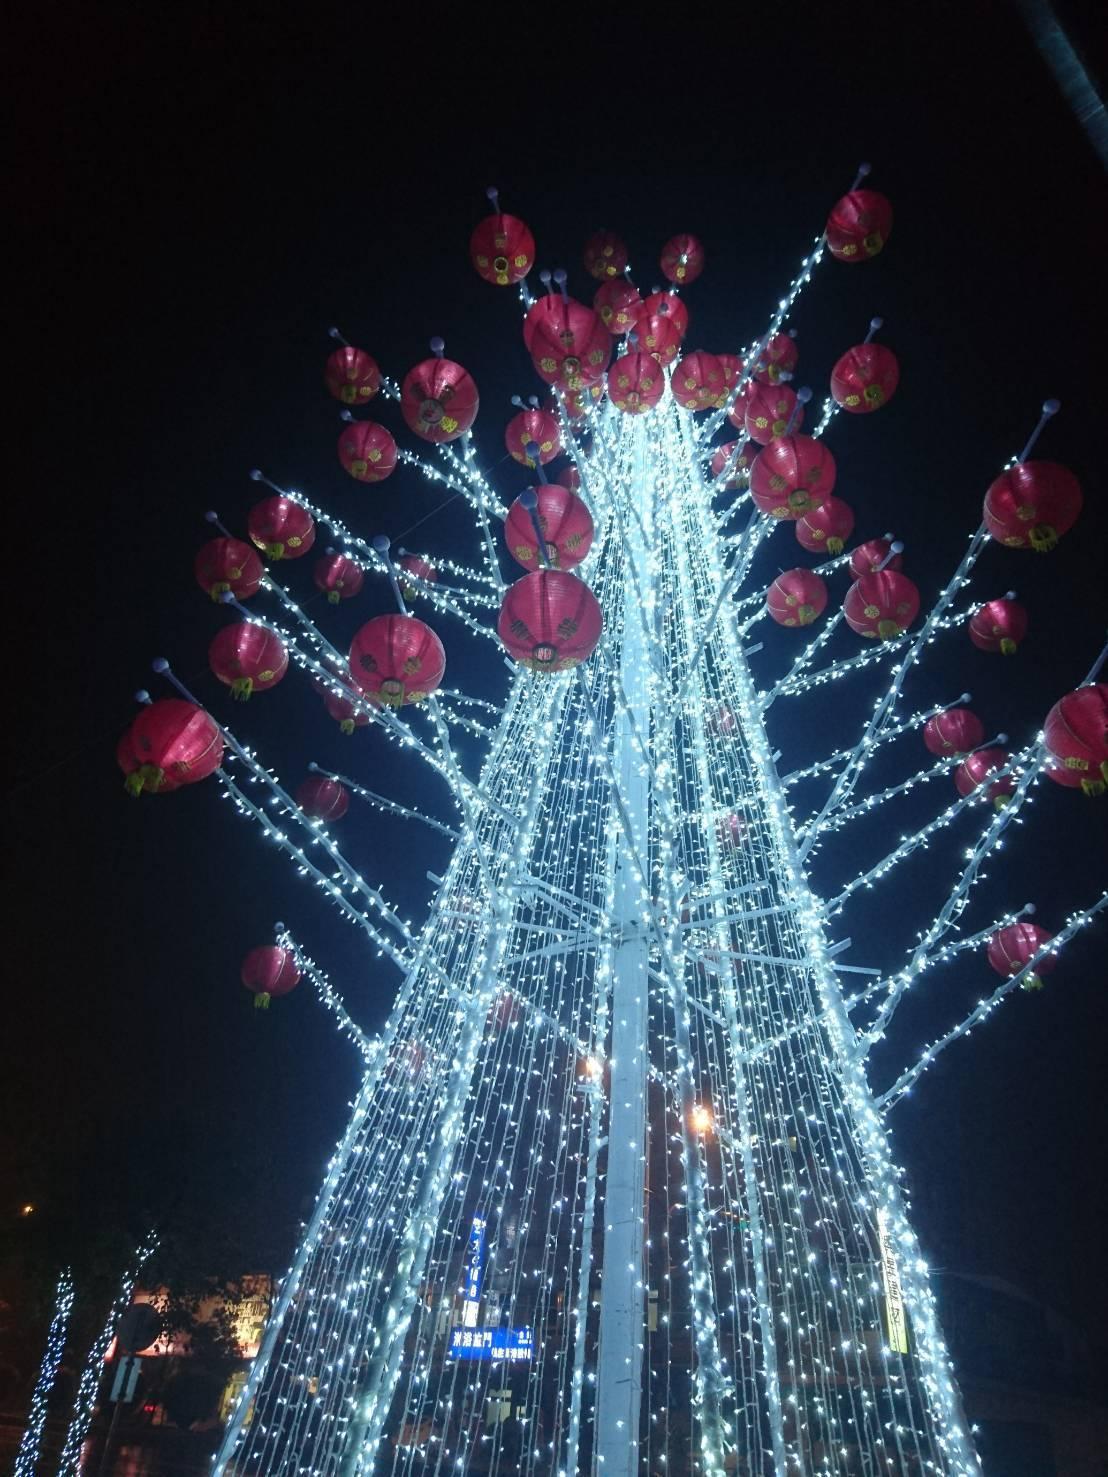 宜蘭街頭以亮麗燈飾裝扮,年味濃。愈夜愈美麗,縣政中心與議會廣場前的耶誕樹再加掛紅...